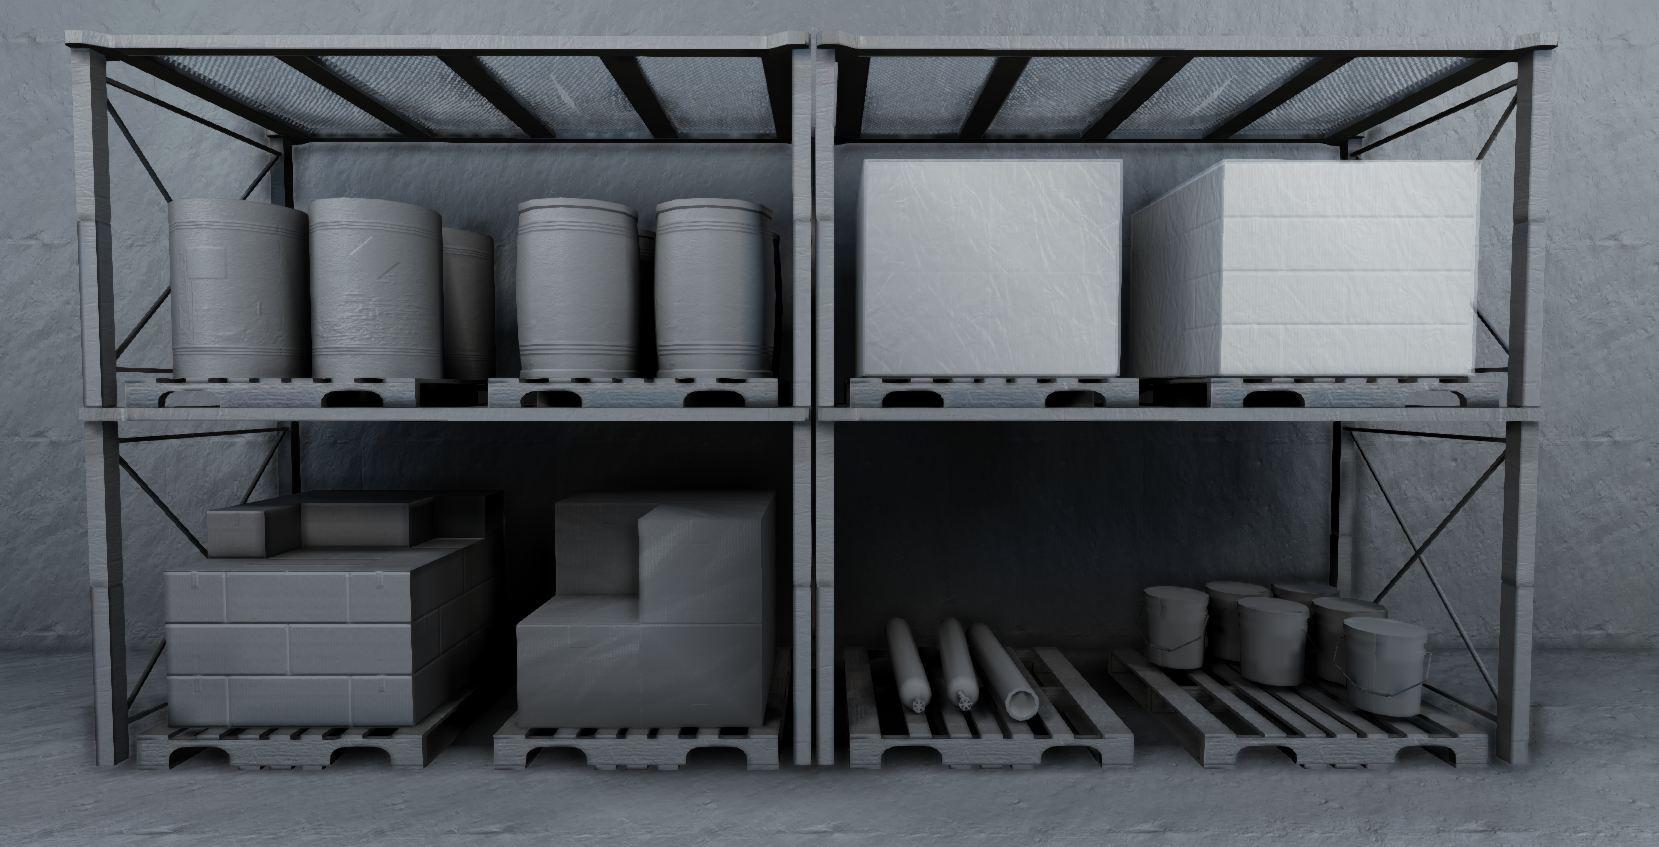 low-poly warehouse decoration set 3d model fbx 150986